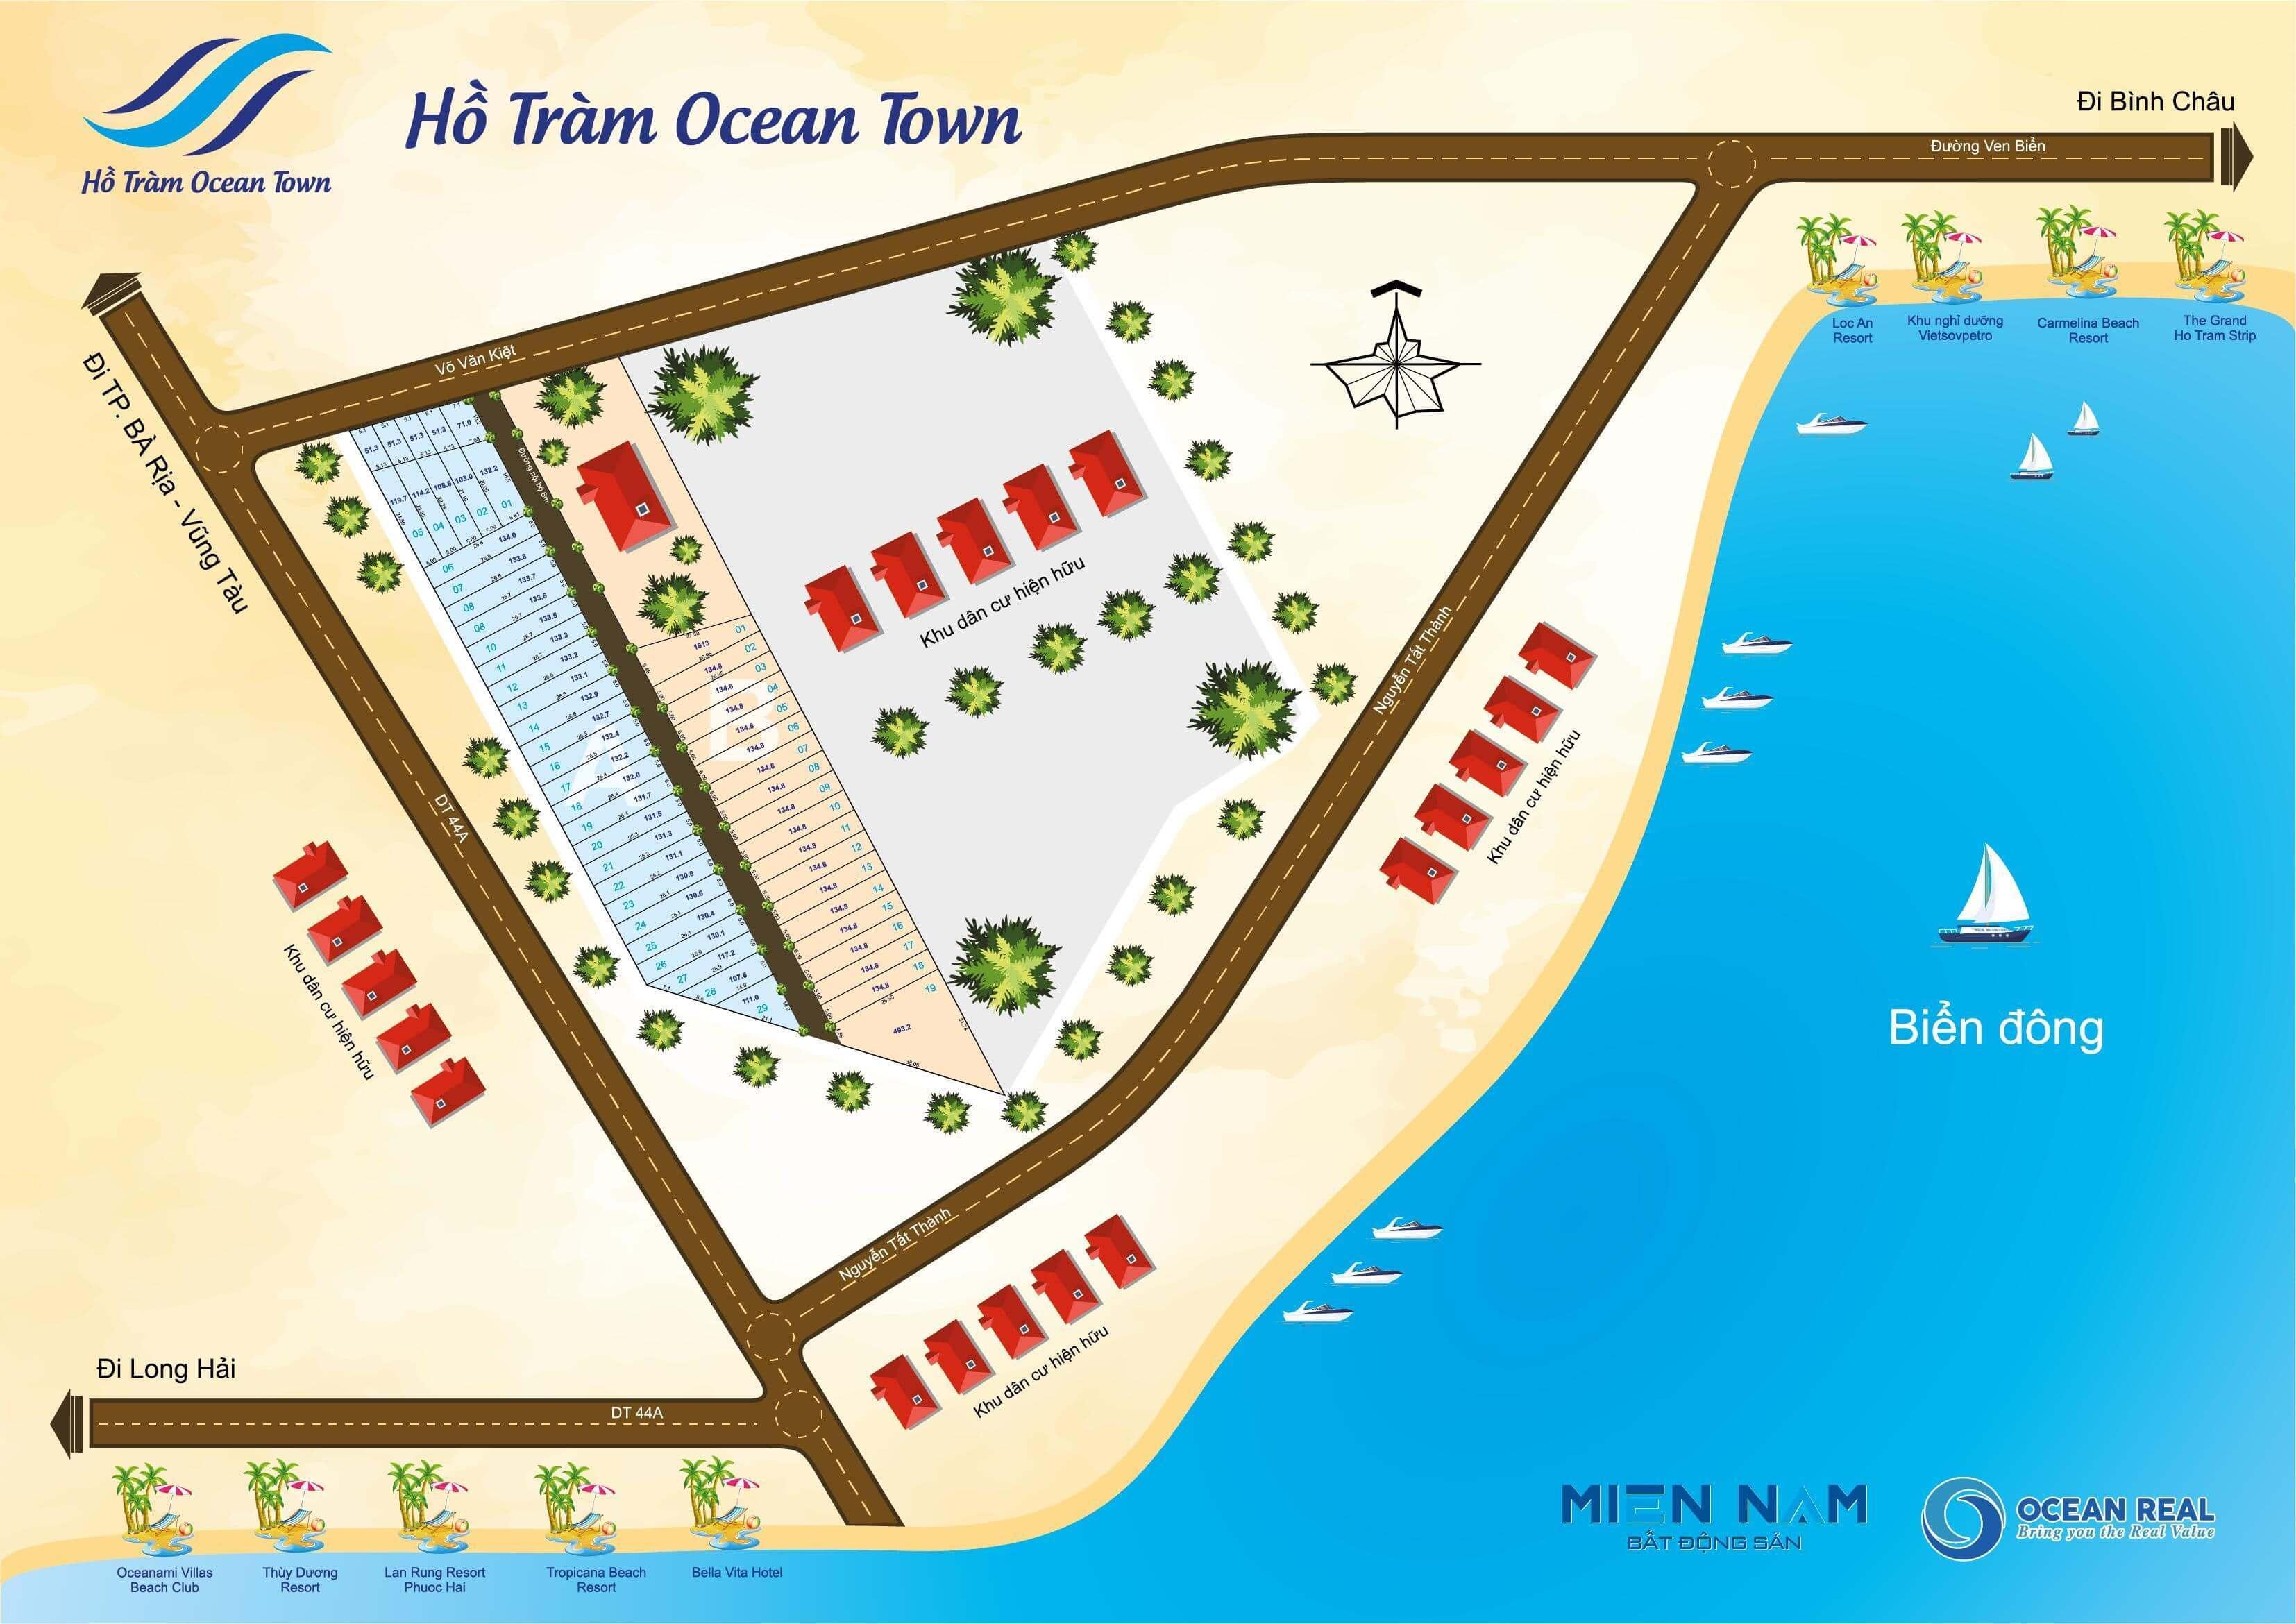 ho tram ocean town